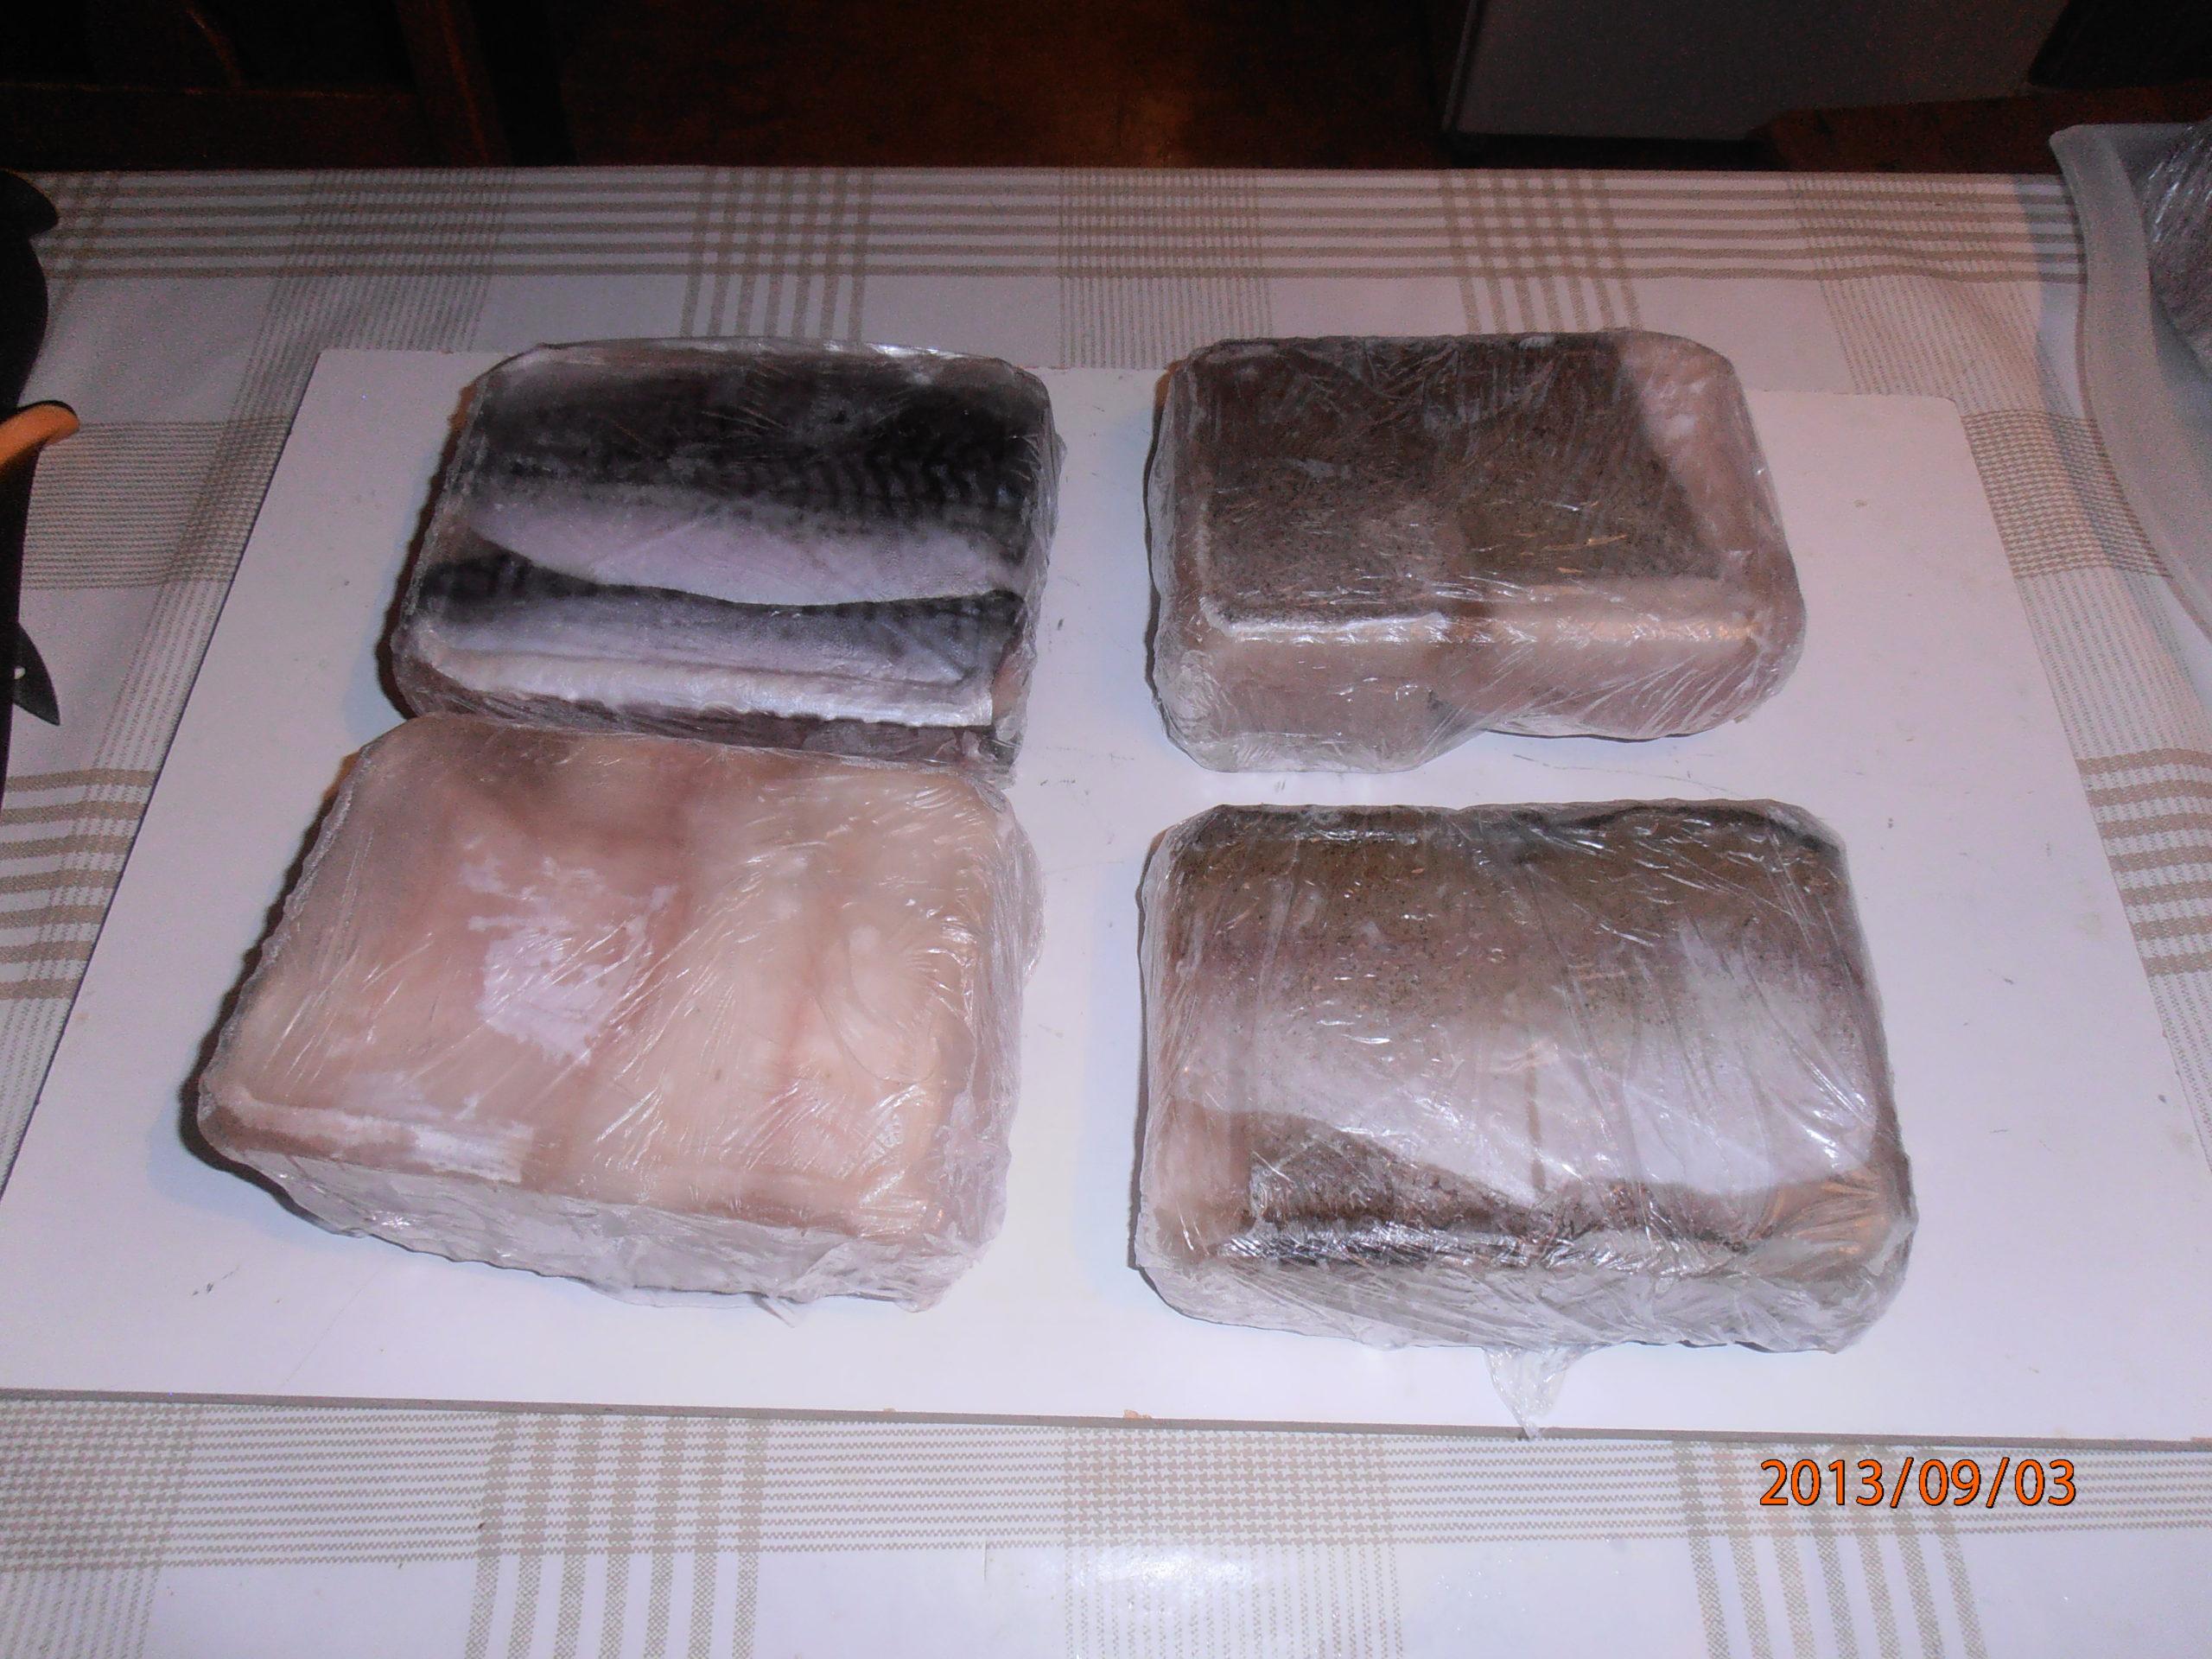 Jak správě uchovat rybí maso?